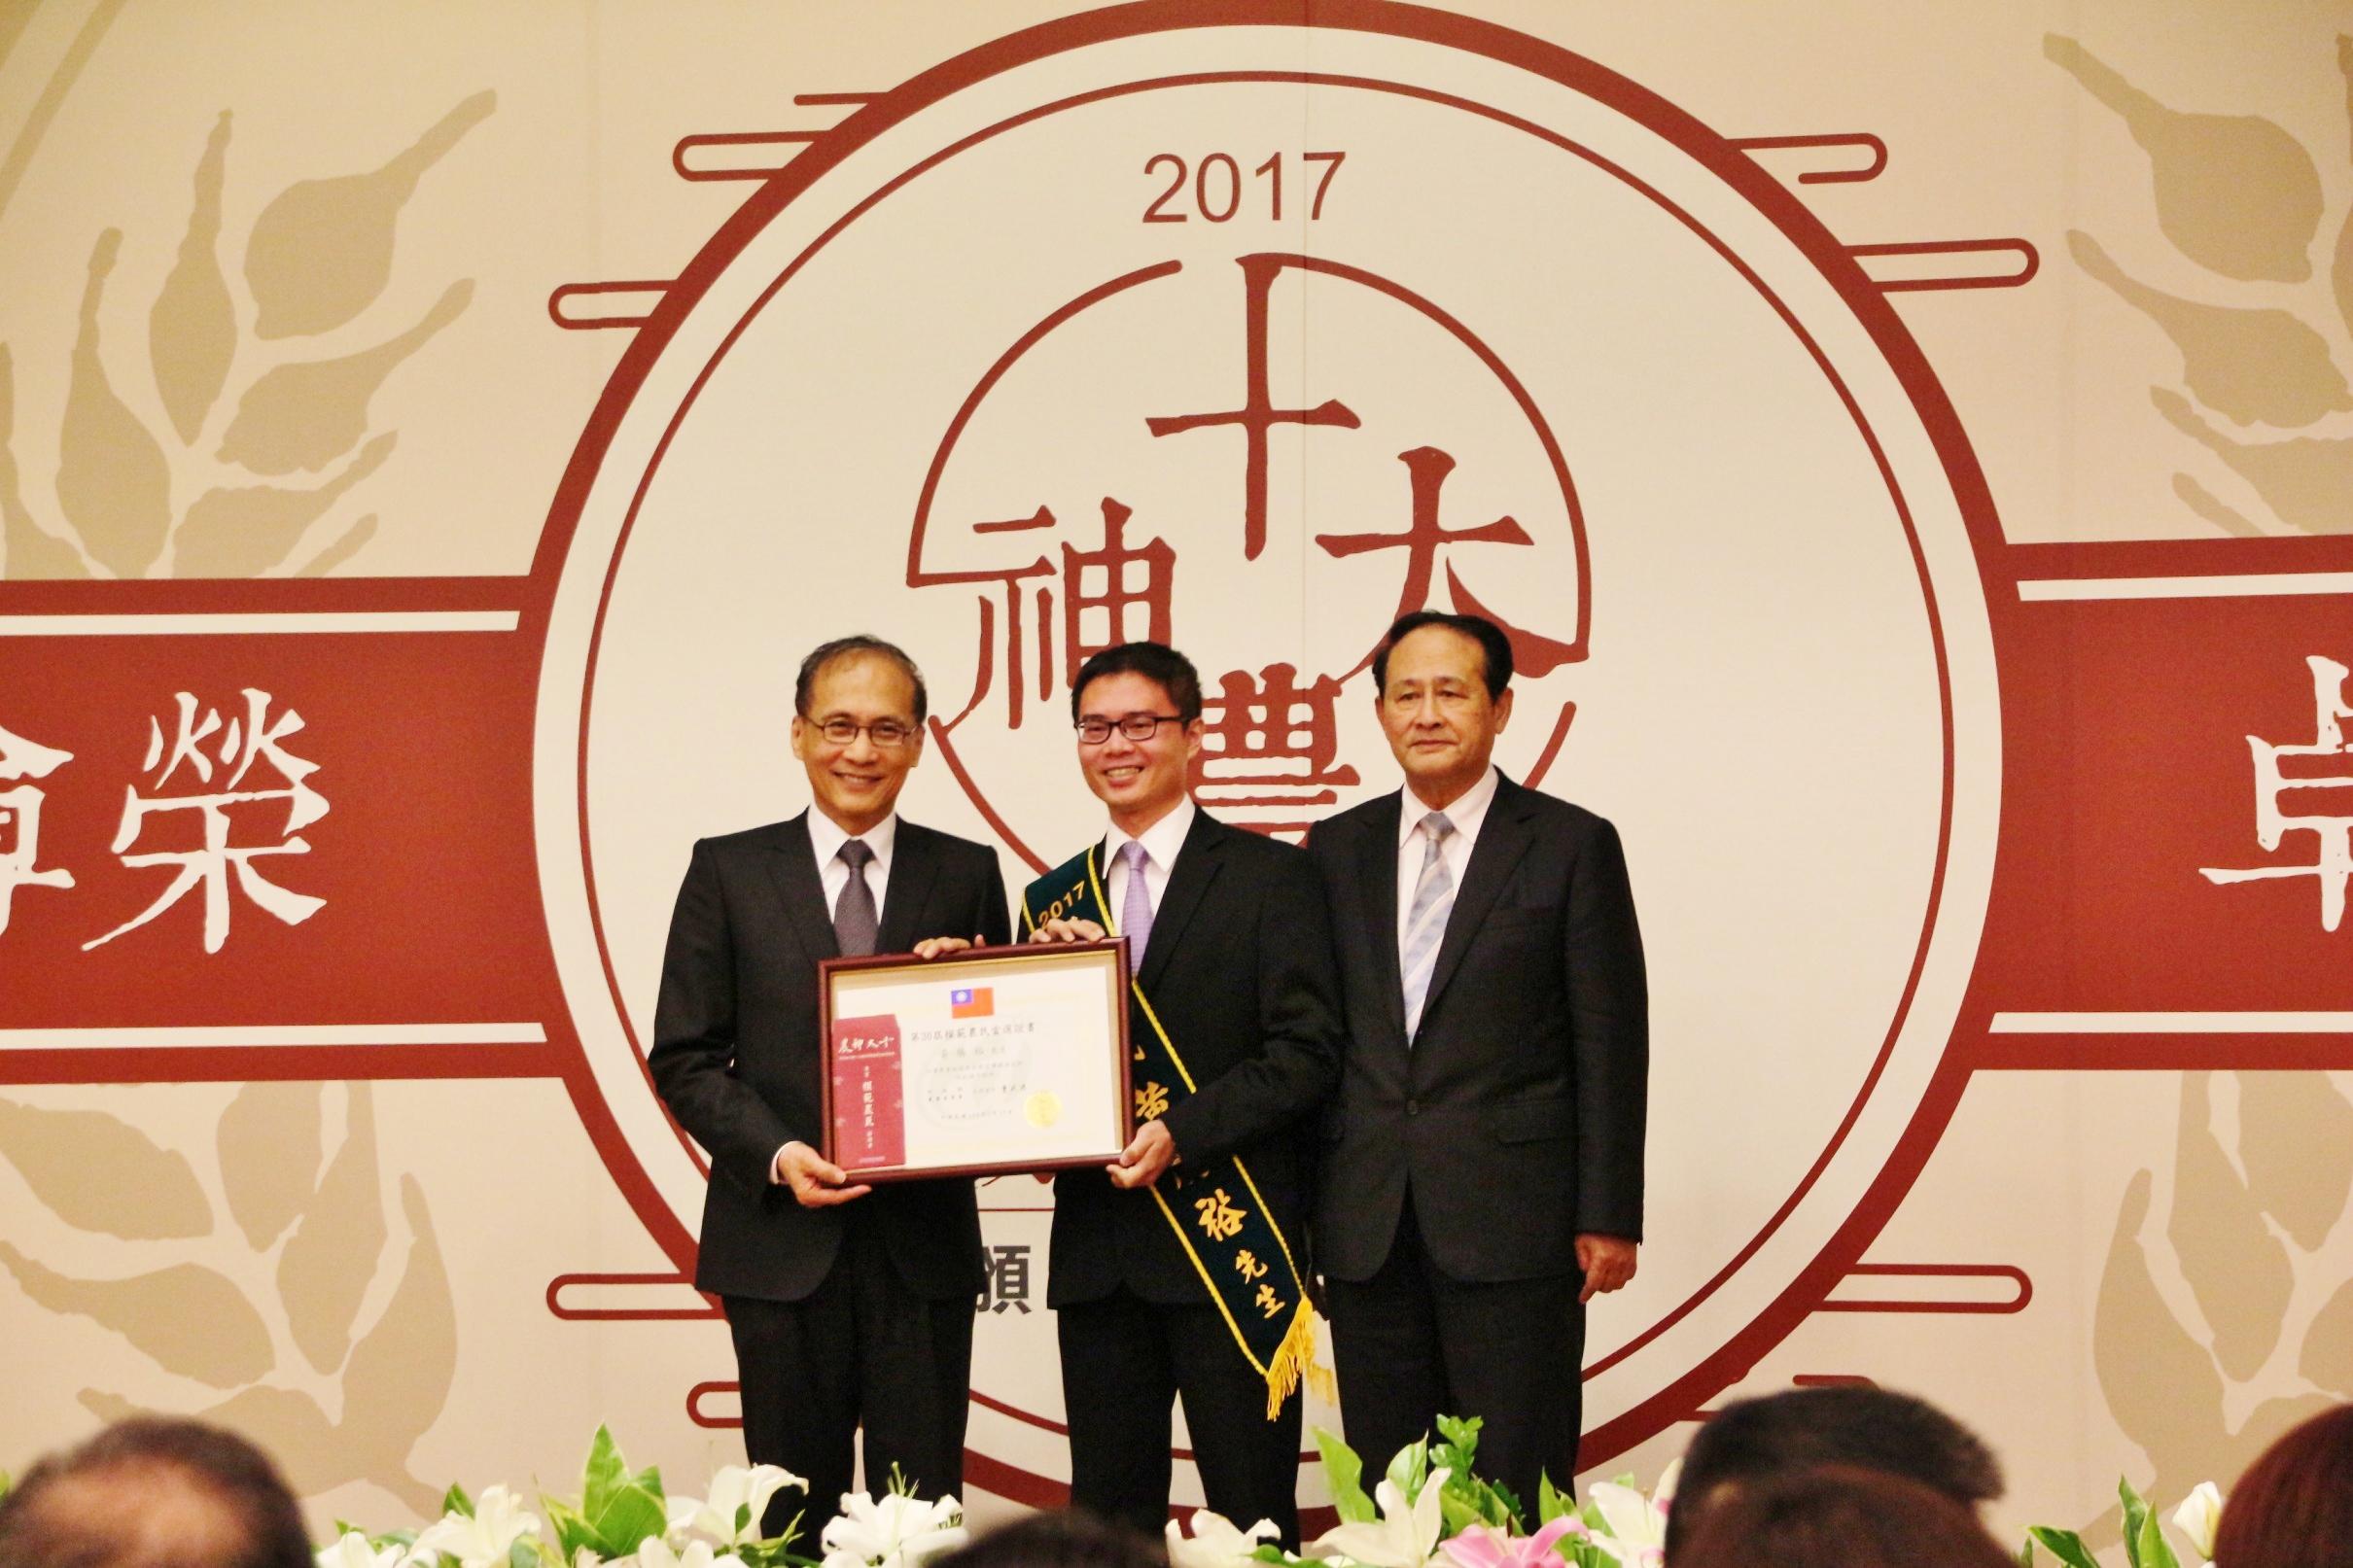 肉雞戶黃勝裕(中)接受十大神農頒獎,左為行政院長林全,右為農委會主委曹啟鴻